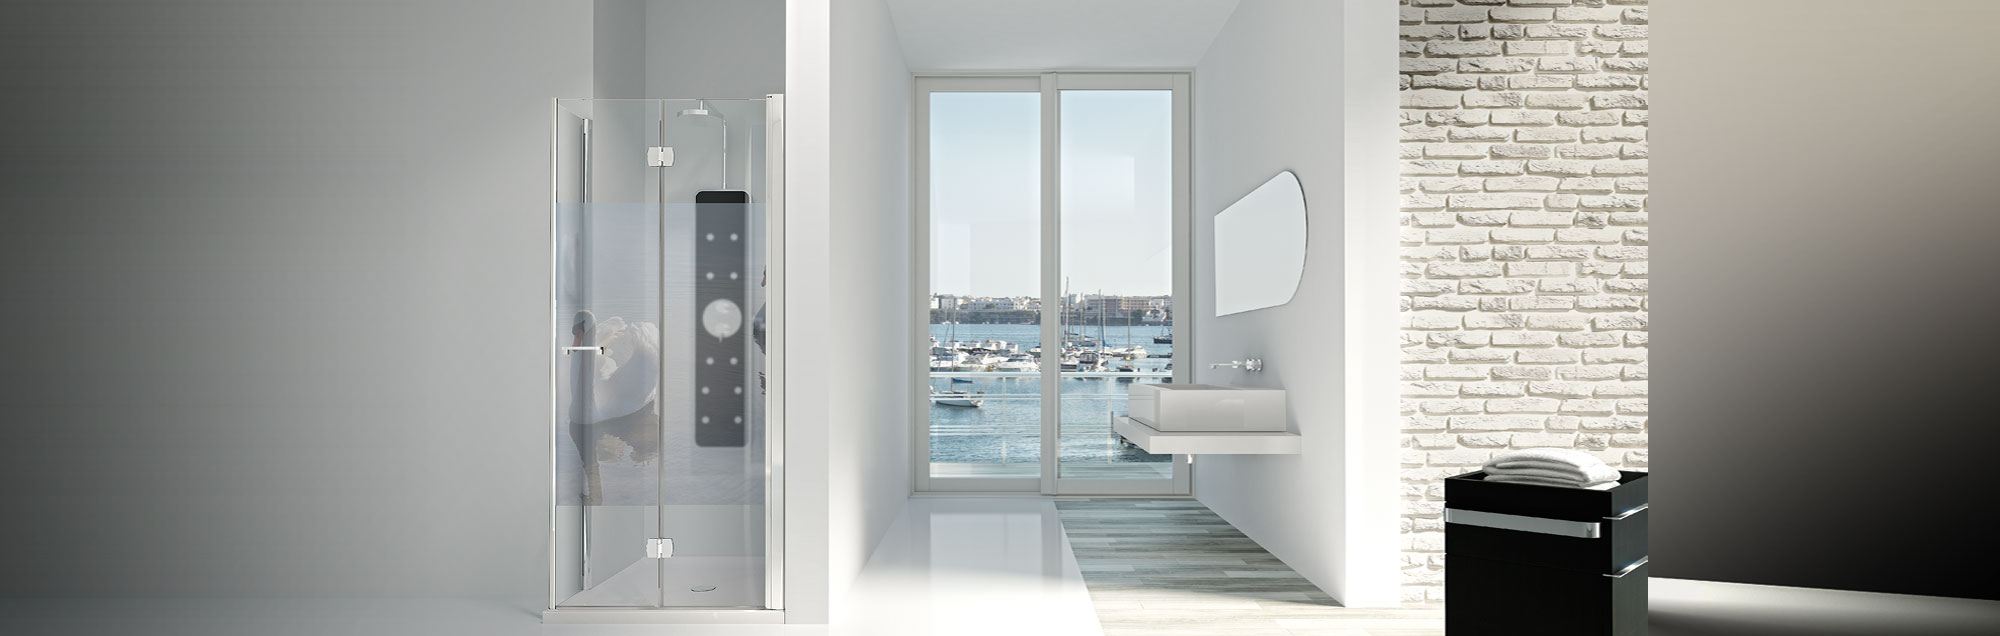 Serie arcoiris plus. box doccia pieghevole per doccia su misura ...